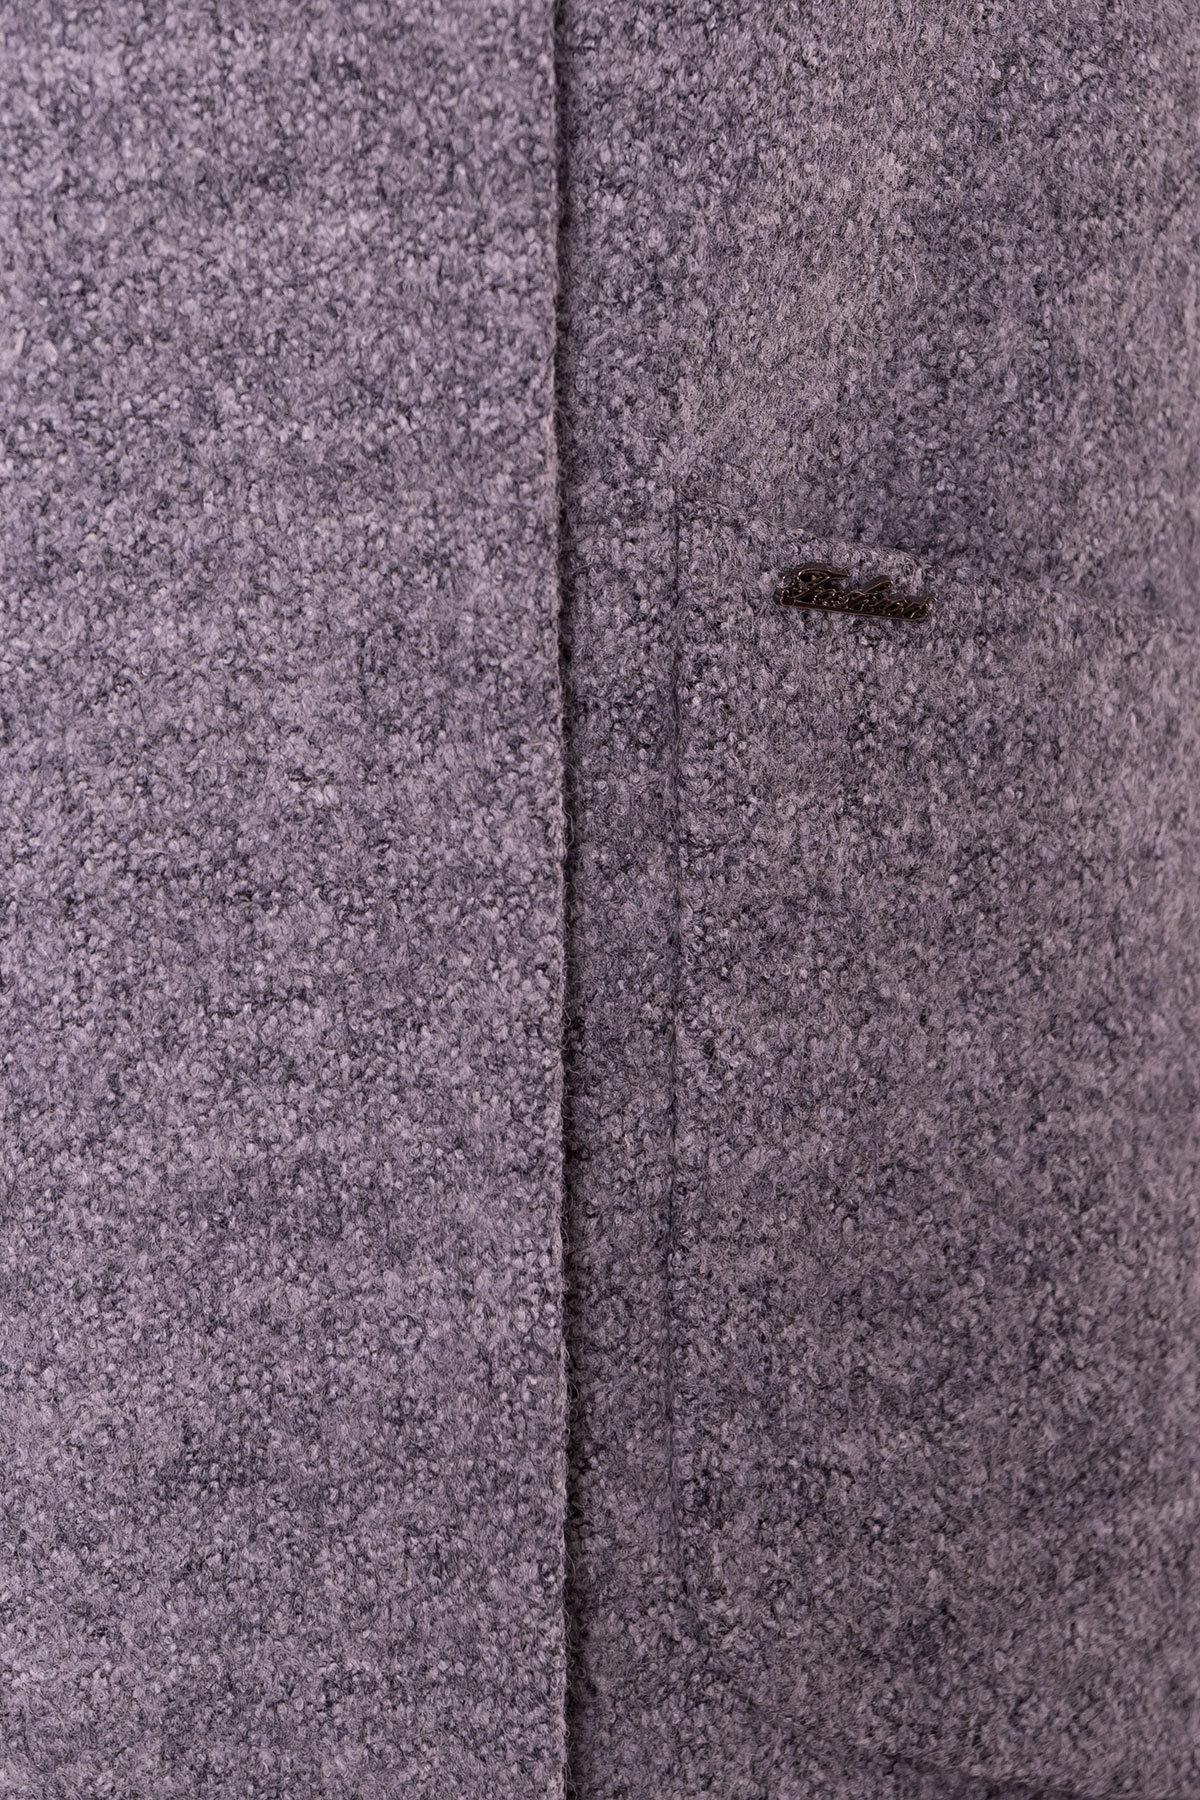 Пальто Мирта 1623 Цвет  Серый 48. РОЗДРІБНА ЦІНА  bfb16869b9d12